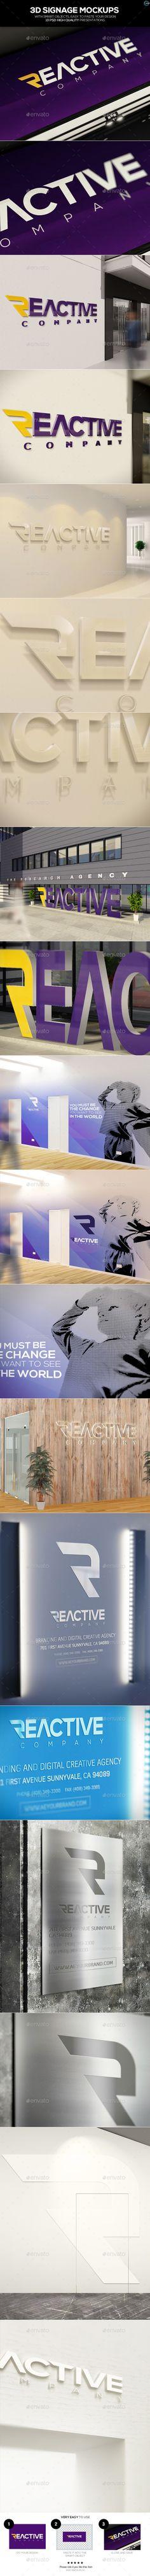 3D Signage Mockups #design #presentation Download: http://graphicriver.net/item/3d-signage-mockups/11891602?ref=ksioks